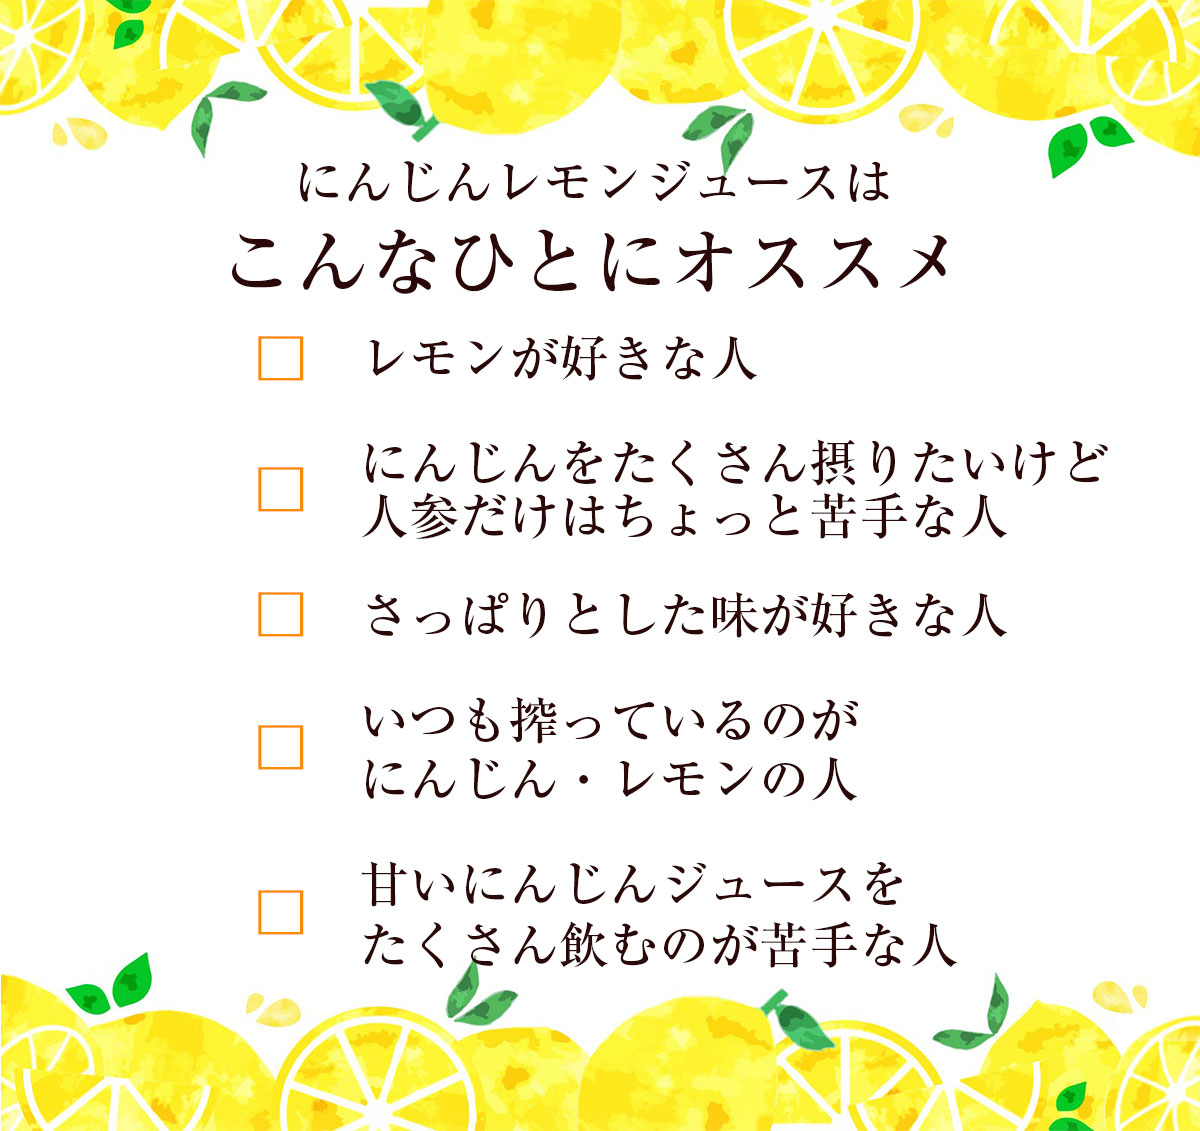 にんじんレモン冷凍ジュース 1箱 【100c×30p】【冷凍ジュース】【無農薬人参】【レモン】